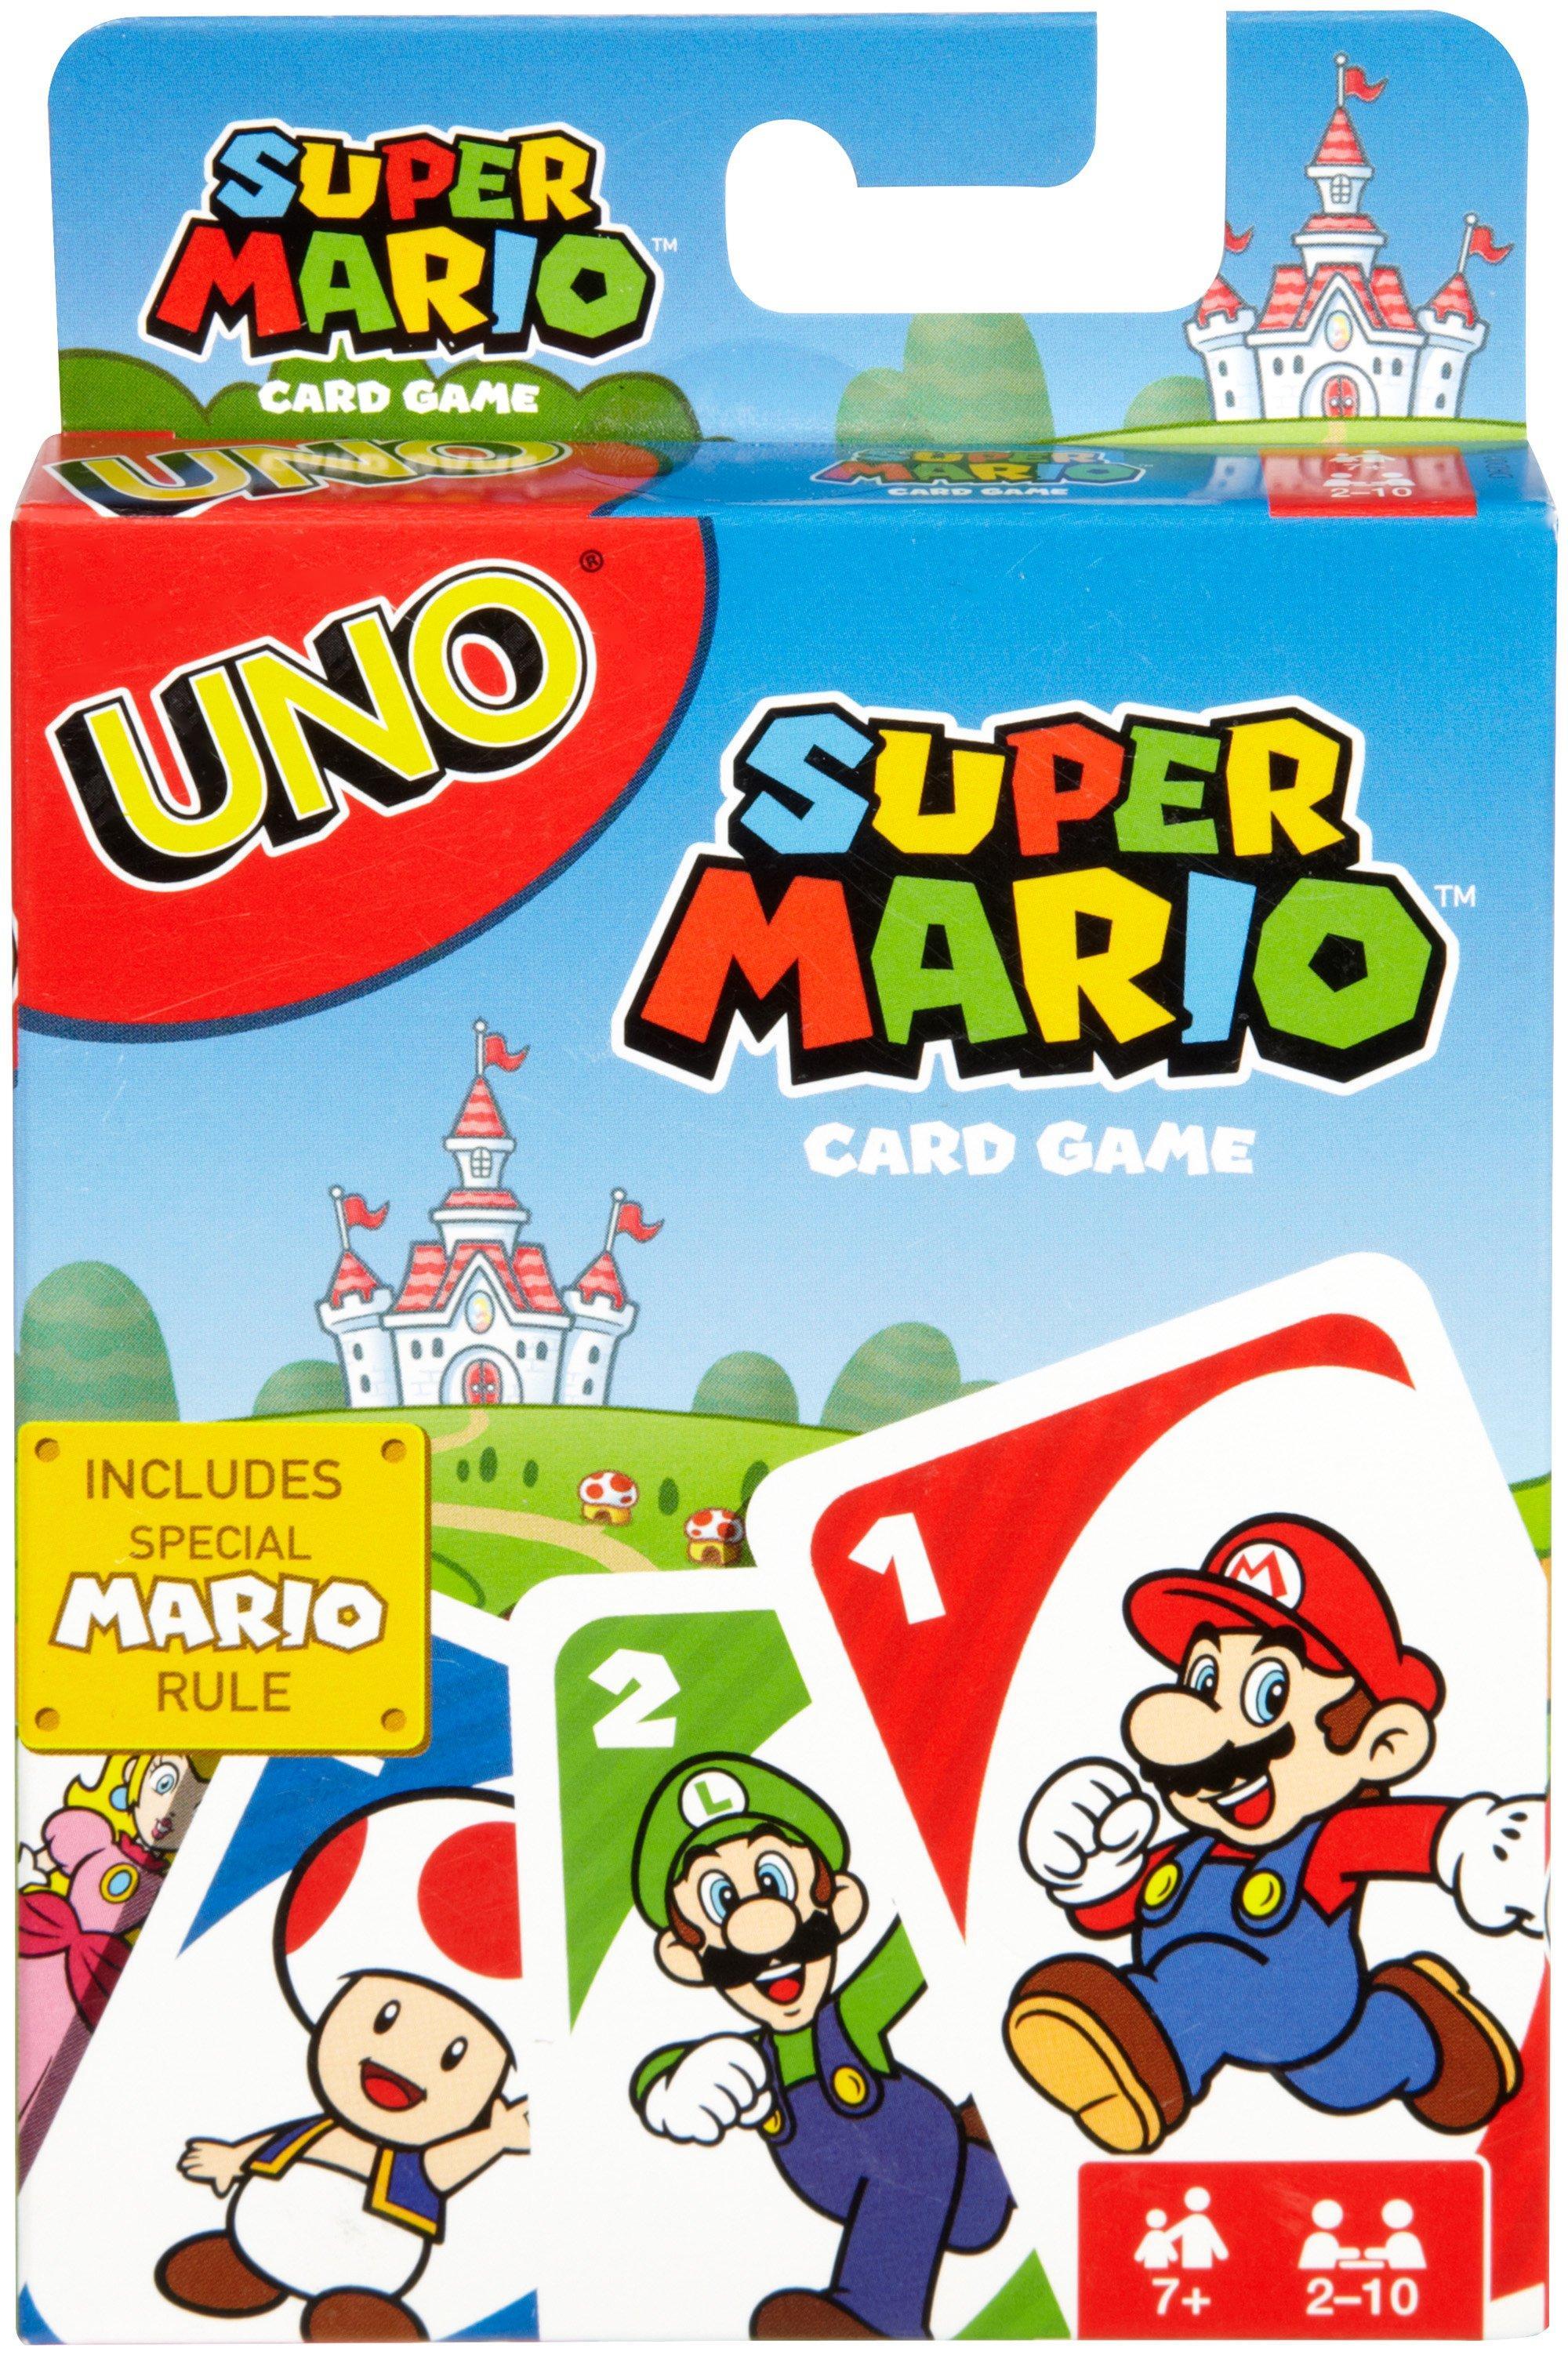 UNO Super Mario Card Game | GameStop